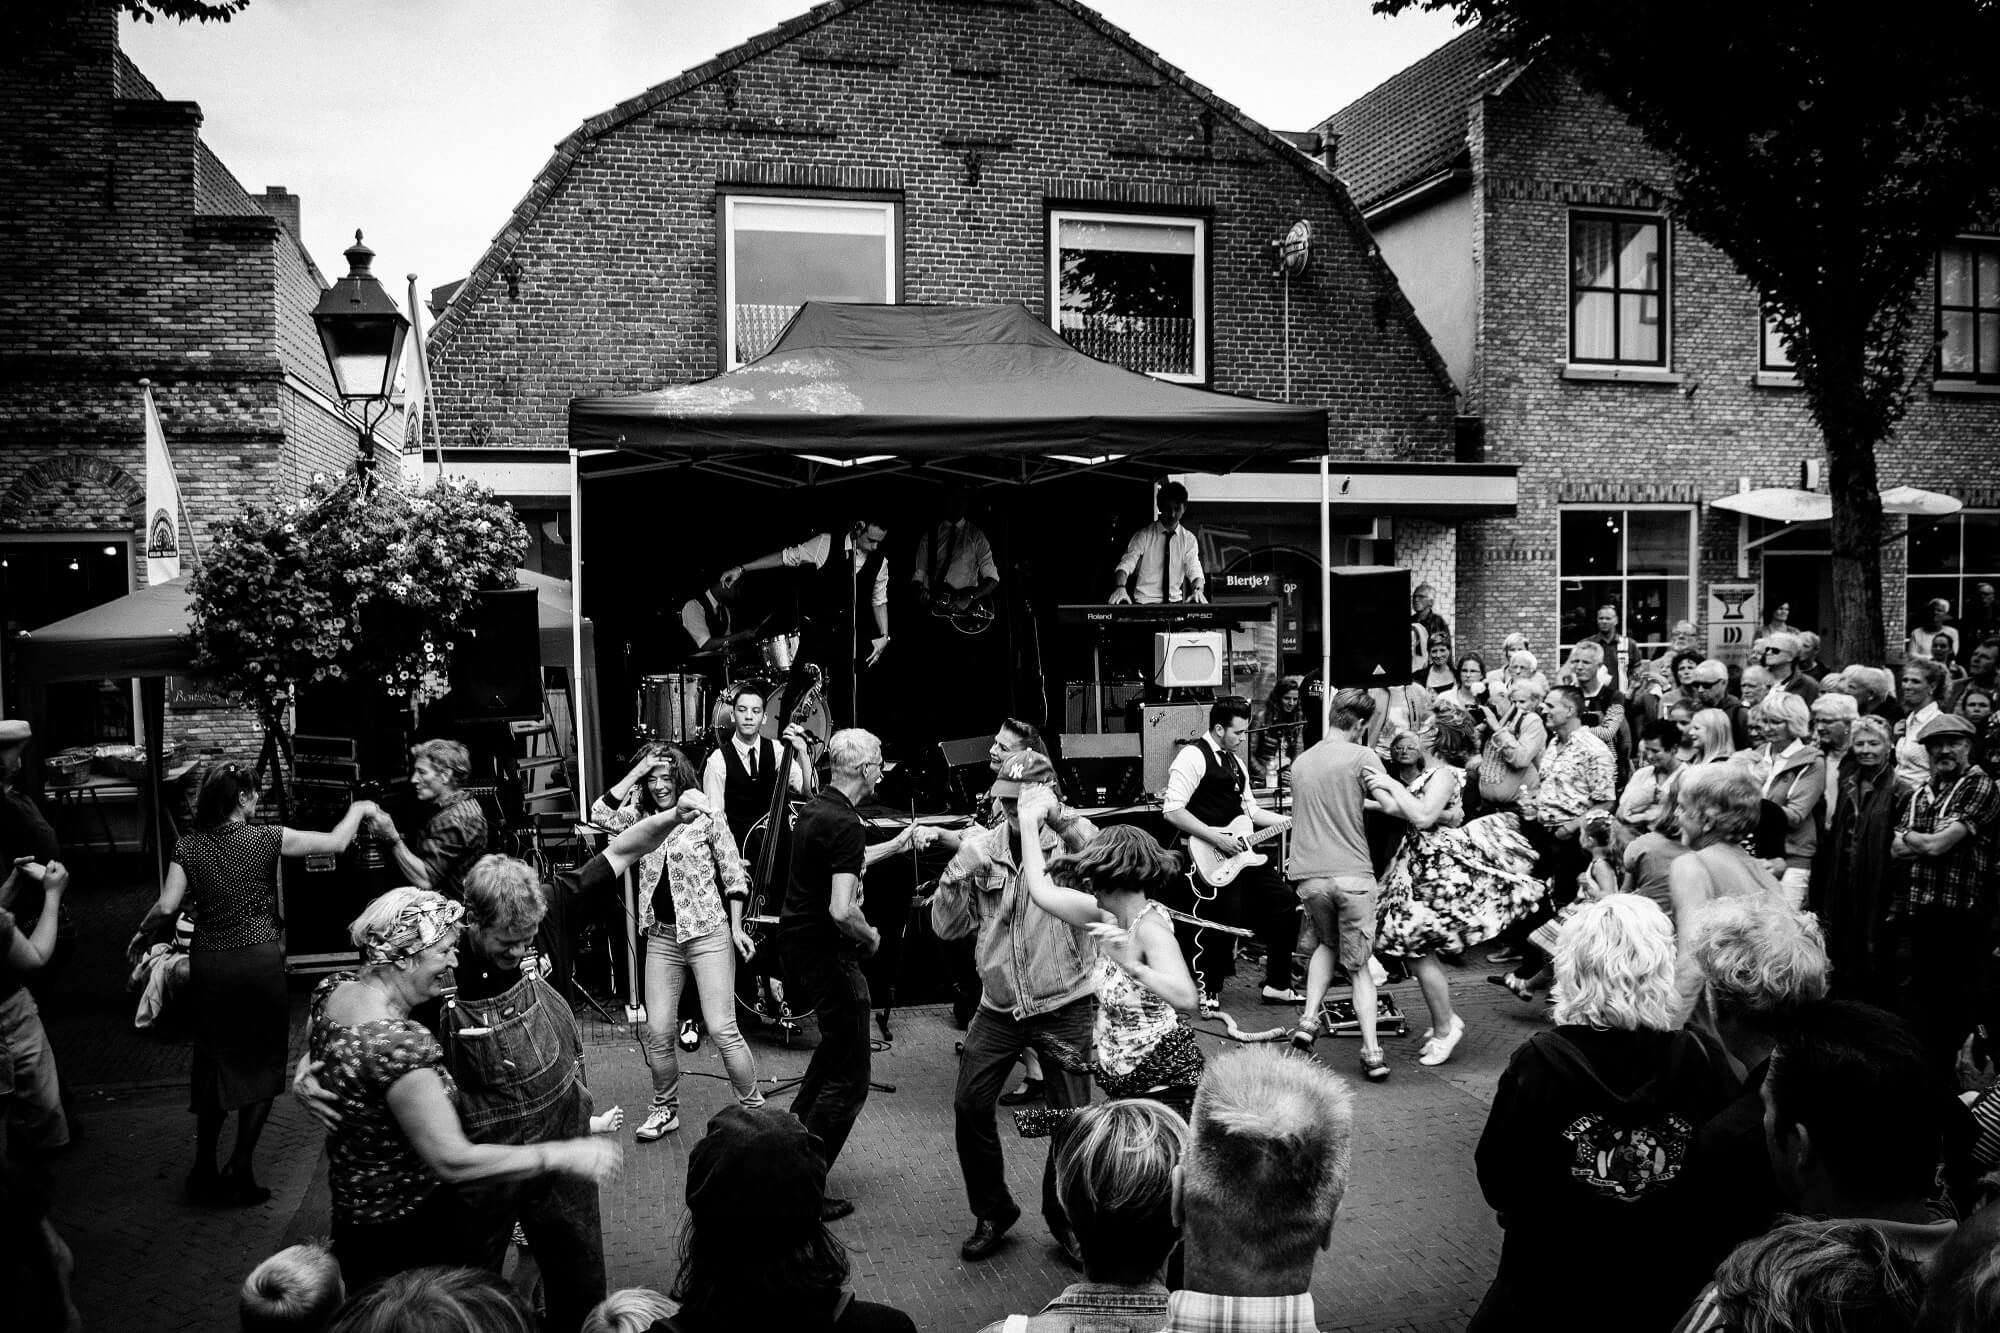 Mensen dansen op straat bij een optreden van de Hot Dogs Coverband op het Rock & Roll Street Terschelling festival 2016.